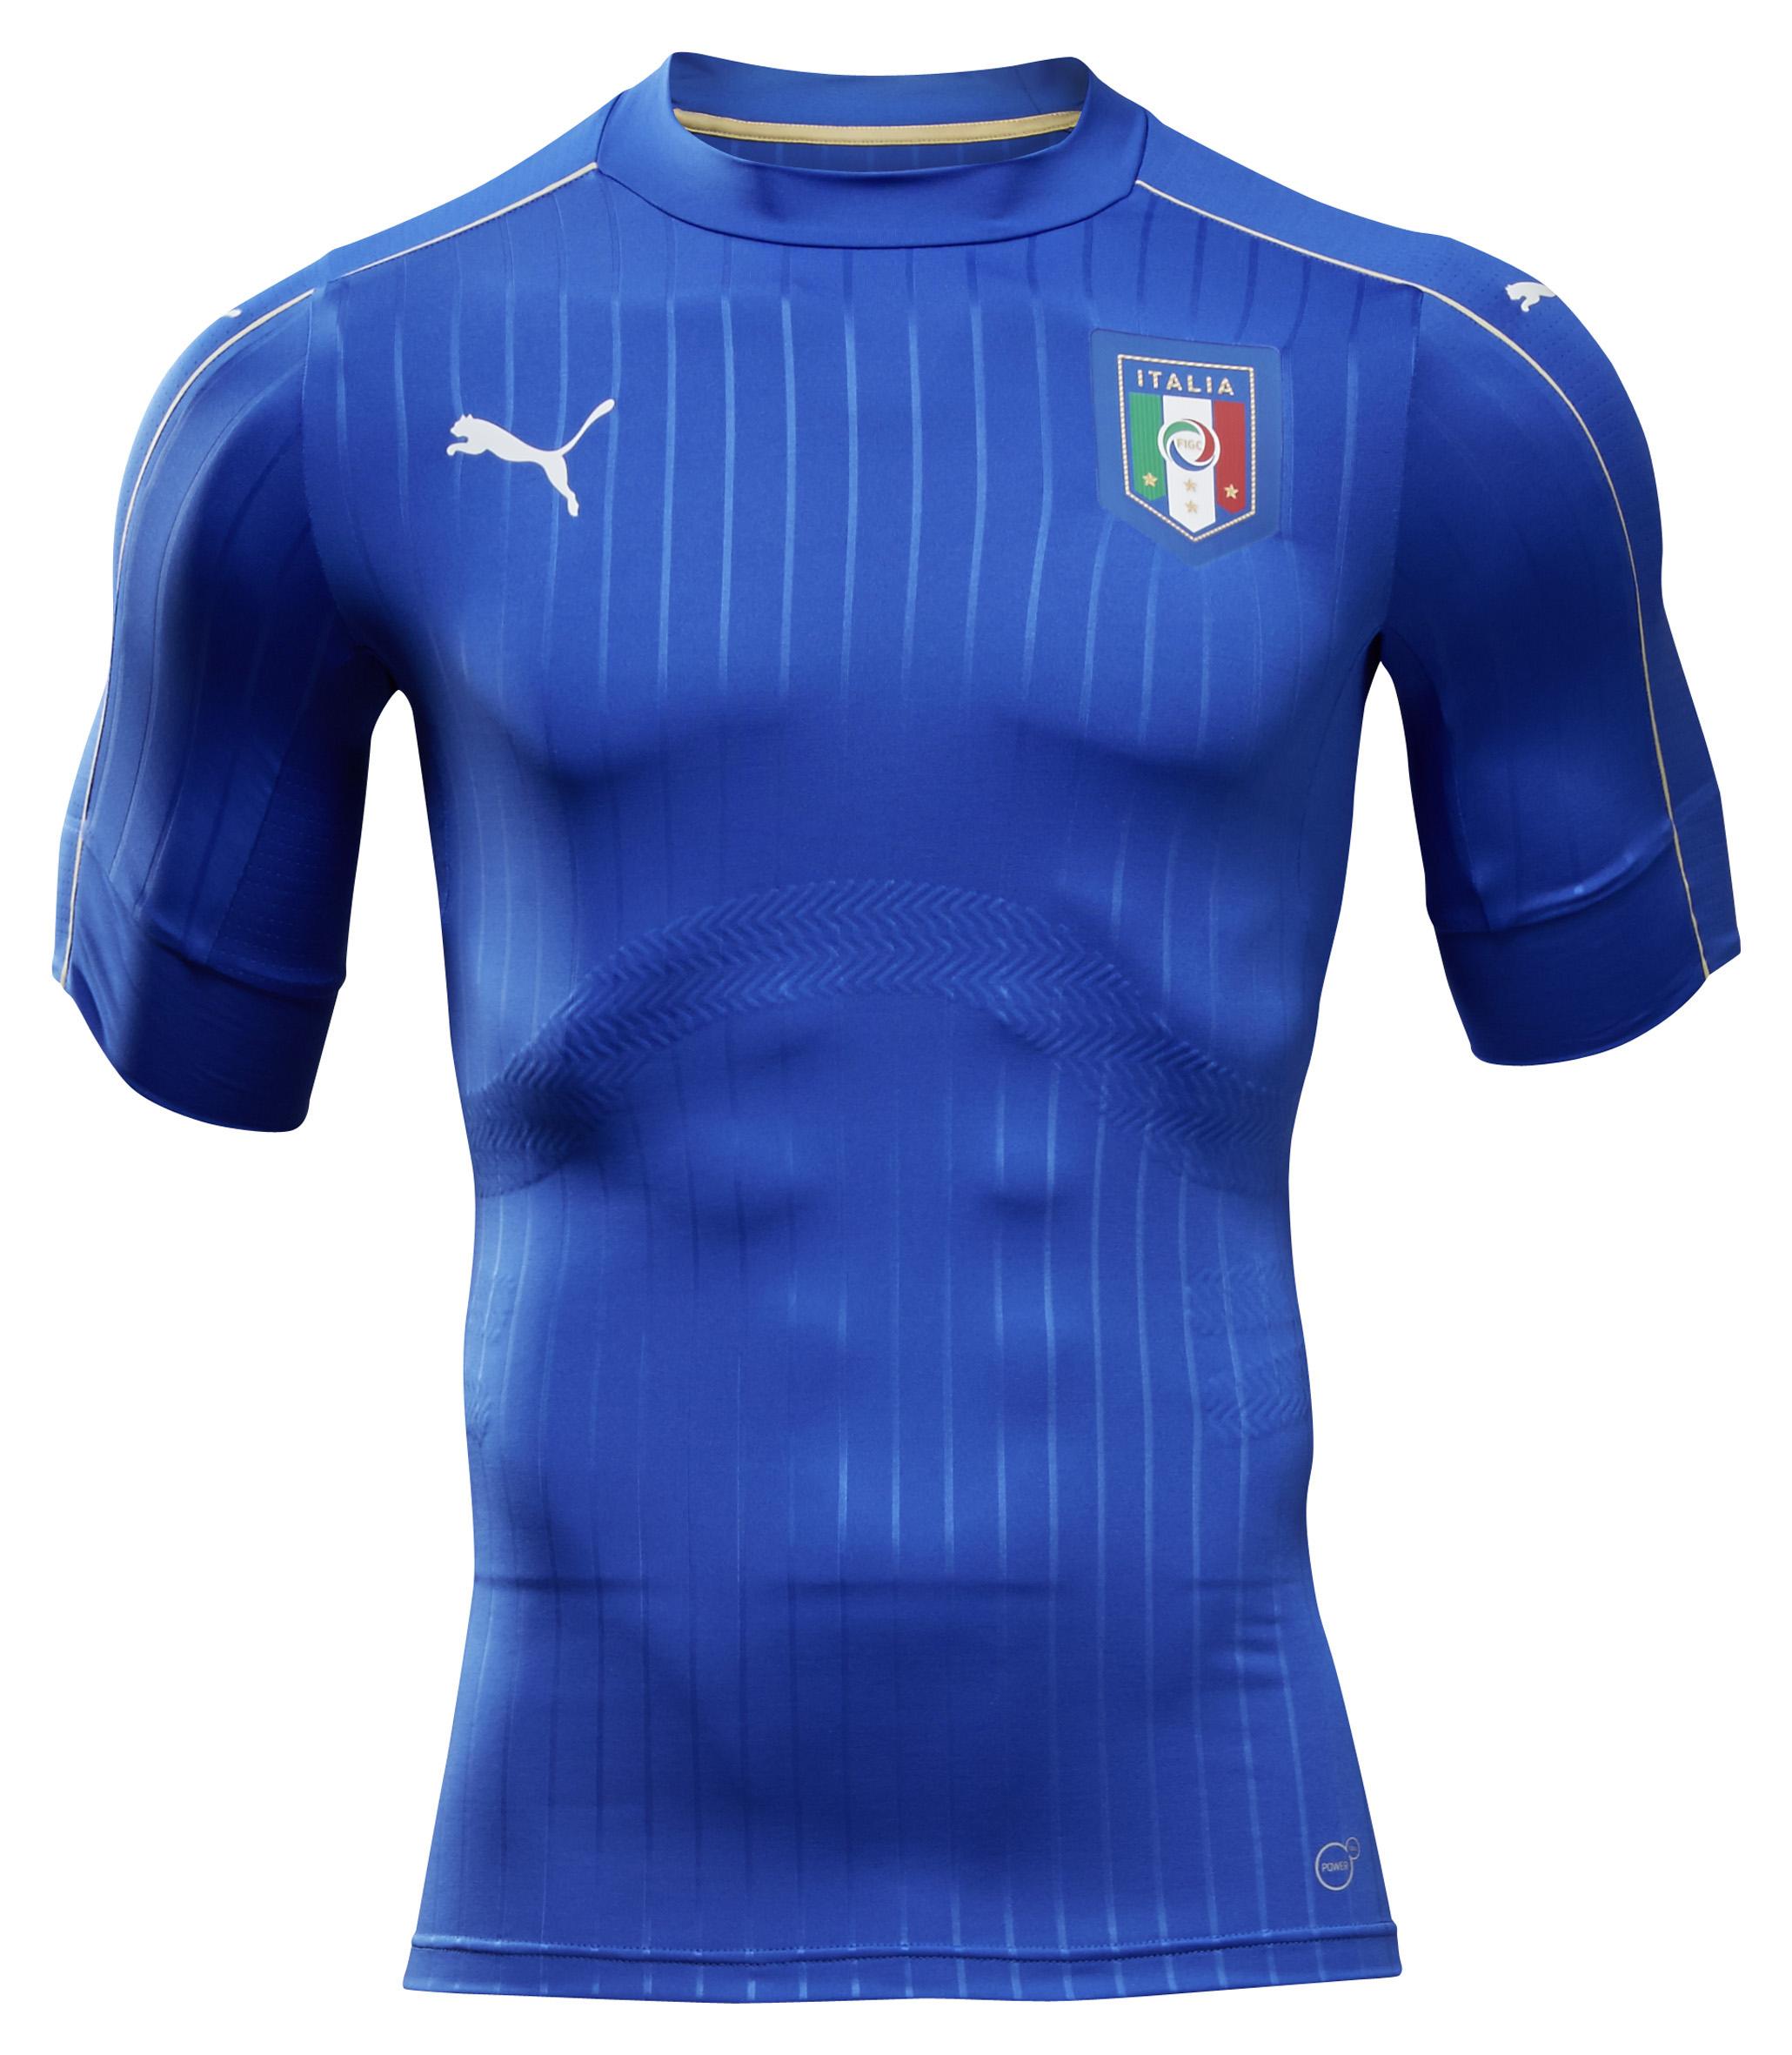 maglia puma italia